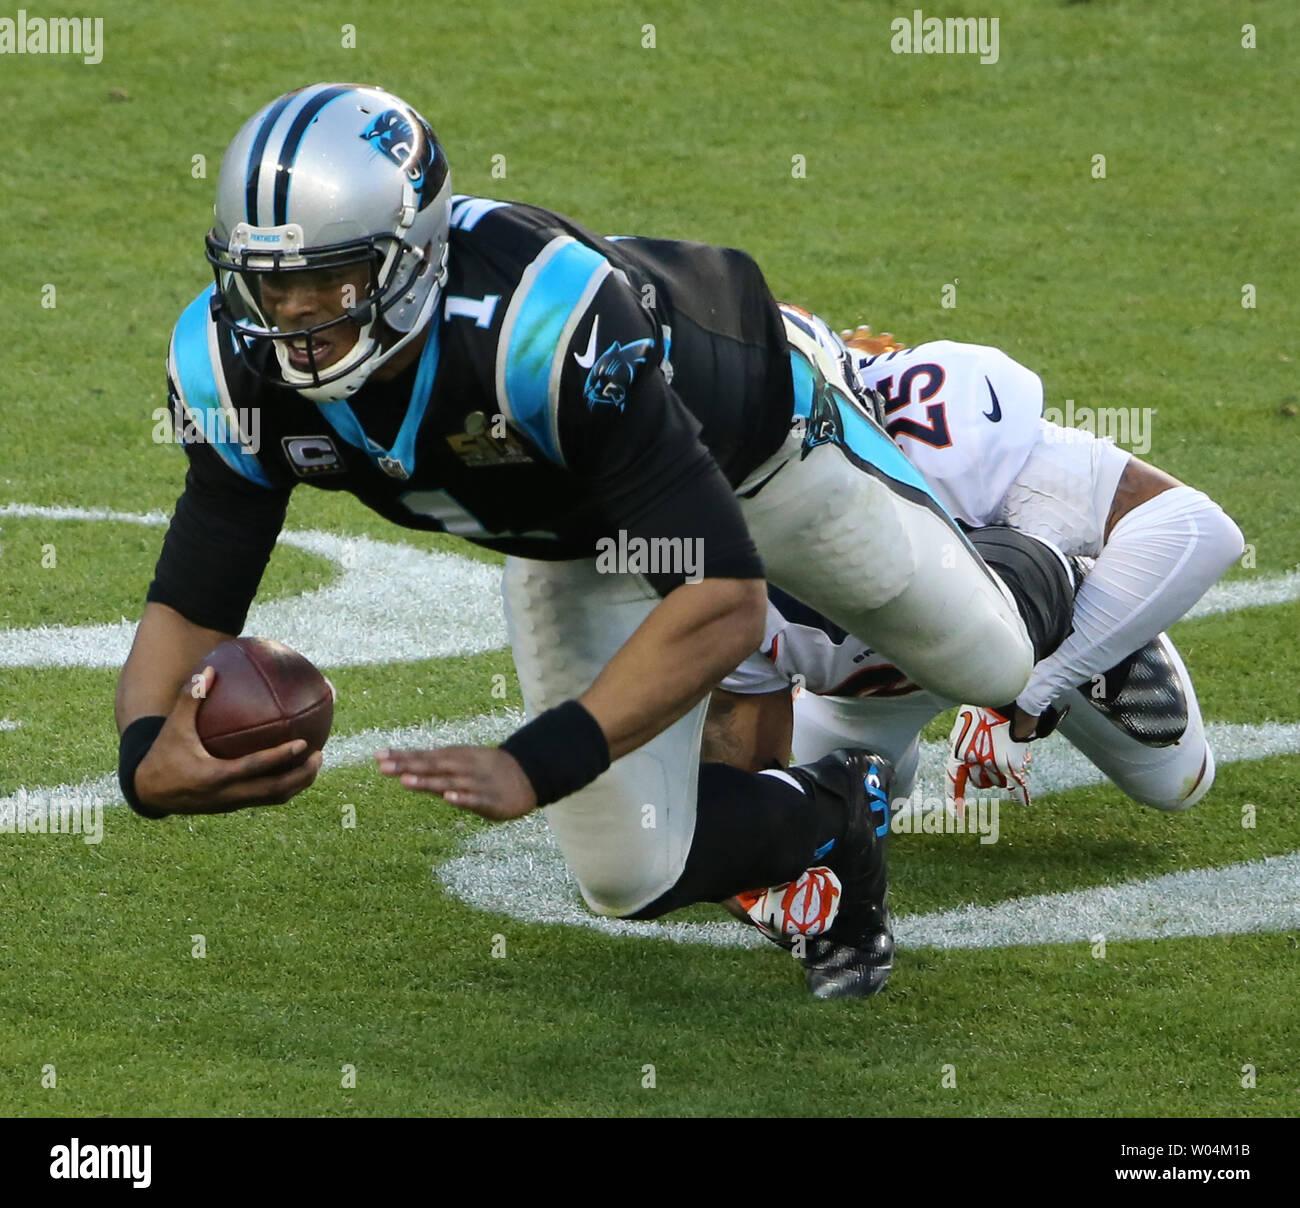 lowest price 5af7a 595db Denver Broncos linebacker Chris Harris Jr. tackles Carolina ...